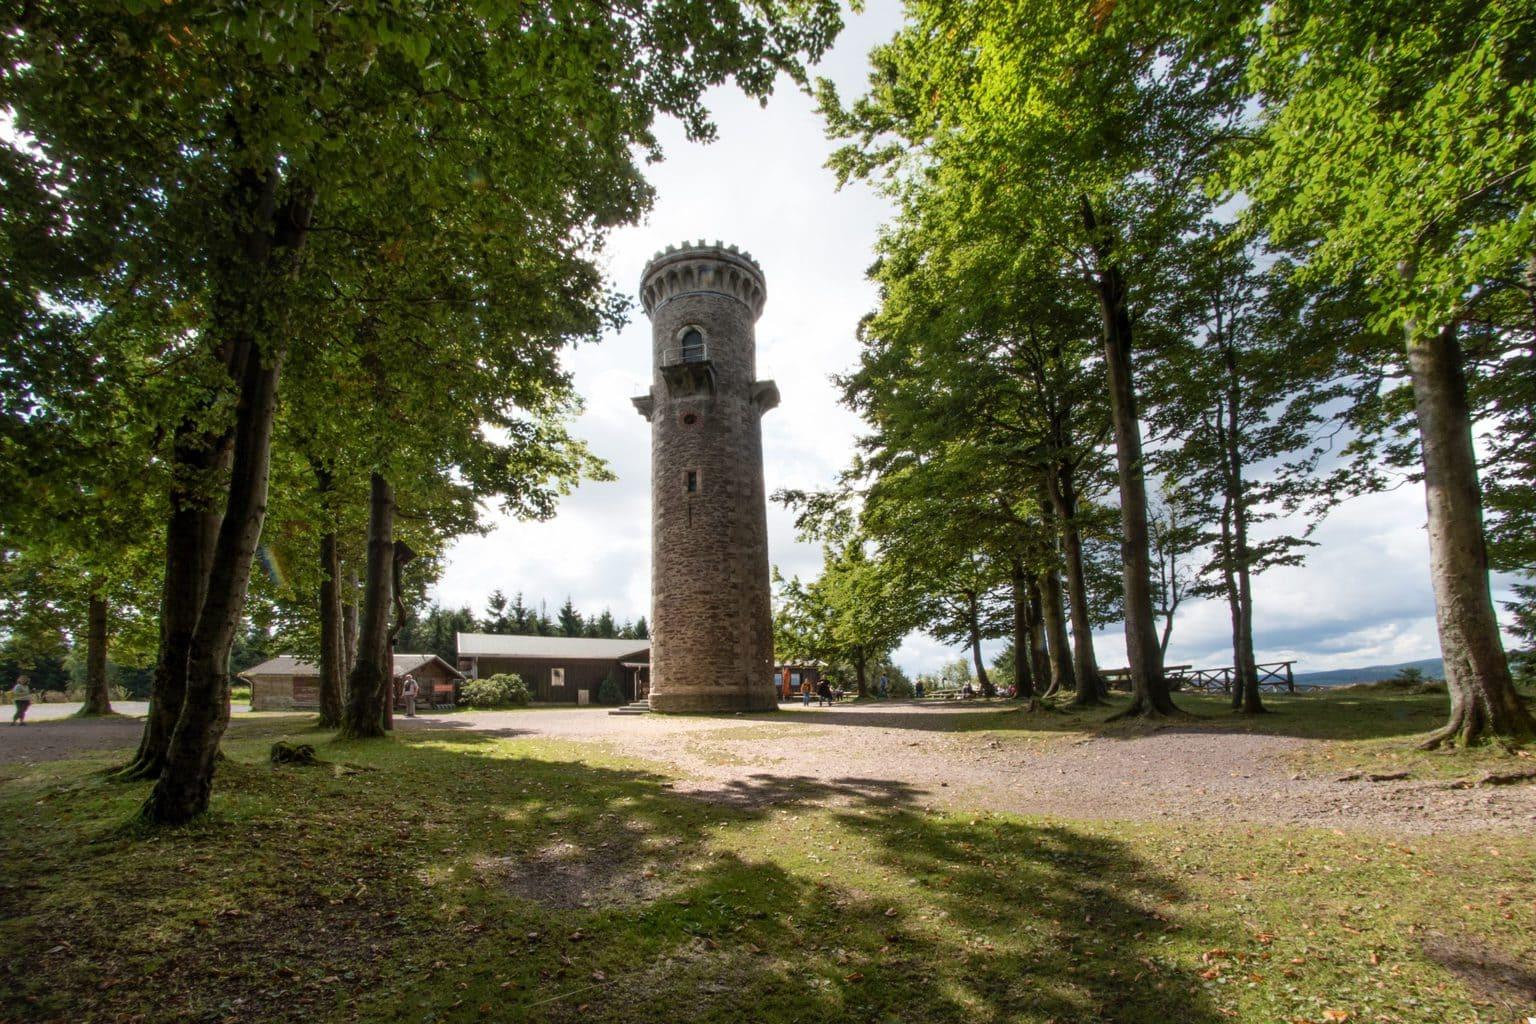 De Kickelhahnturm in het Thüringer woud in de buurt van Ilmenau